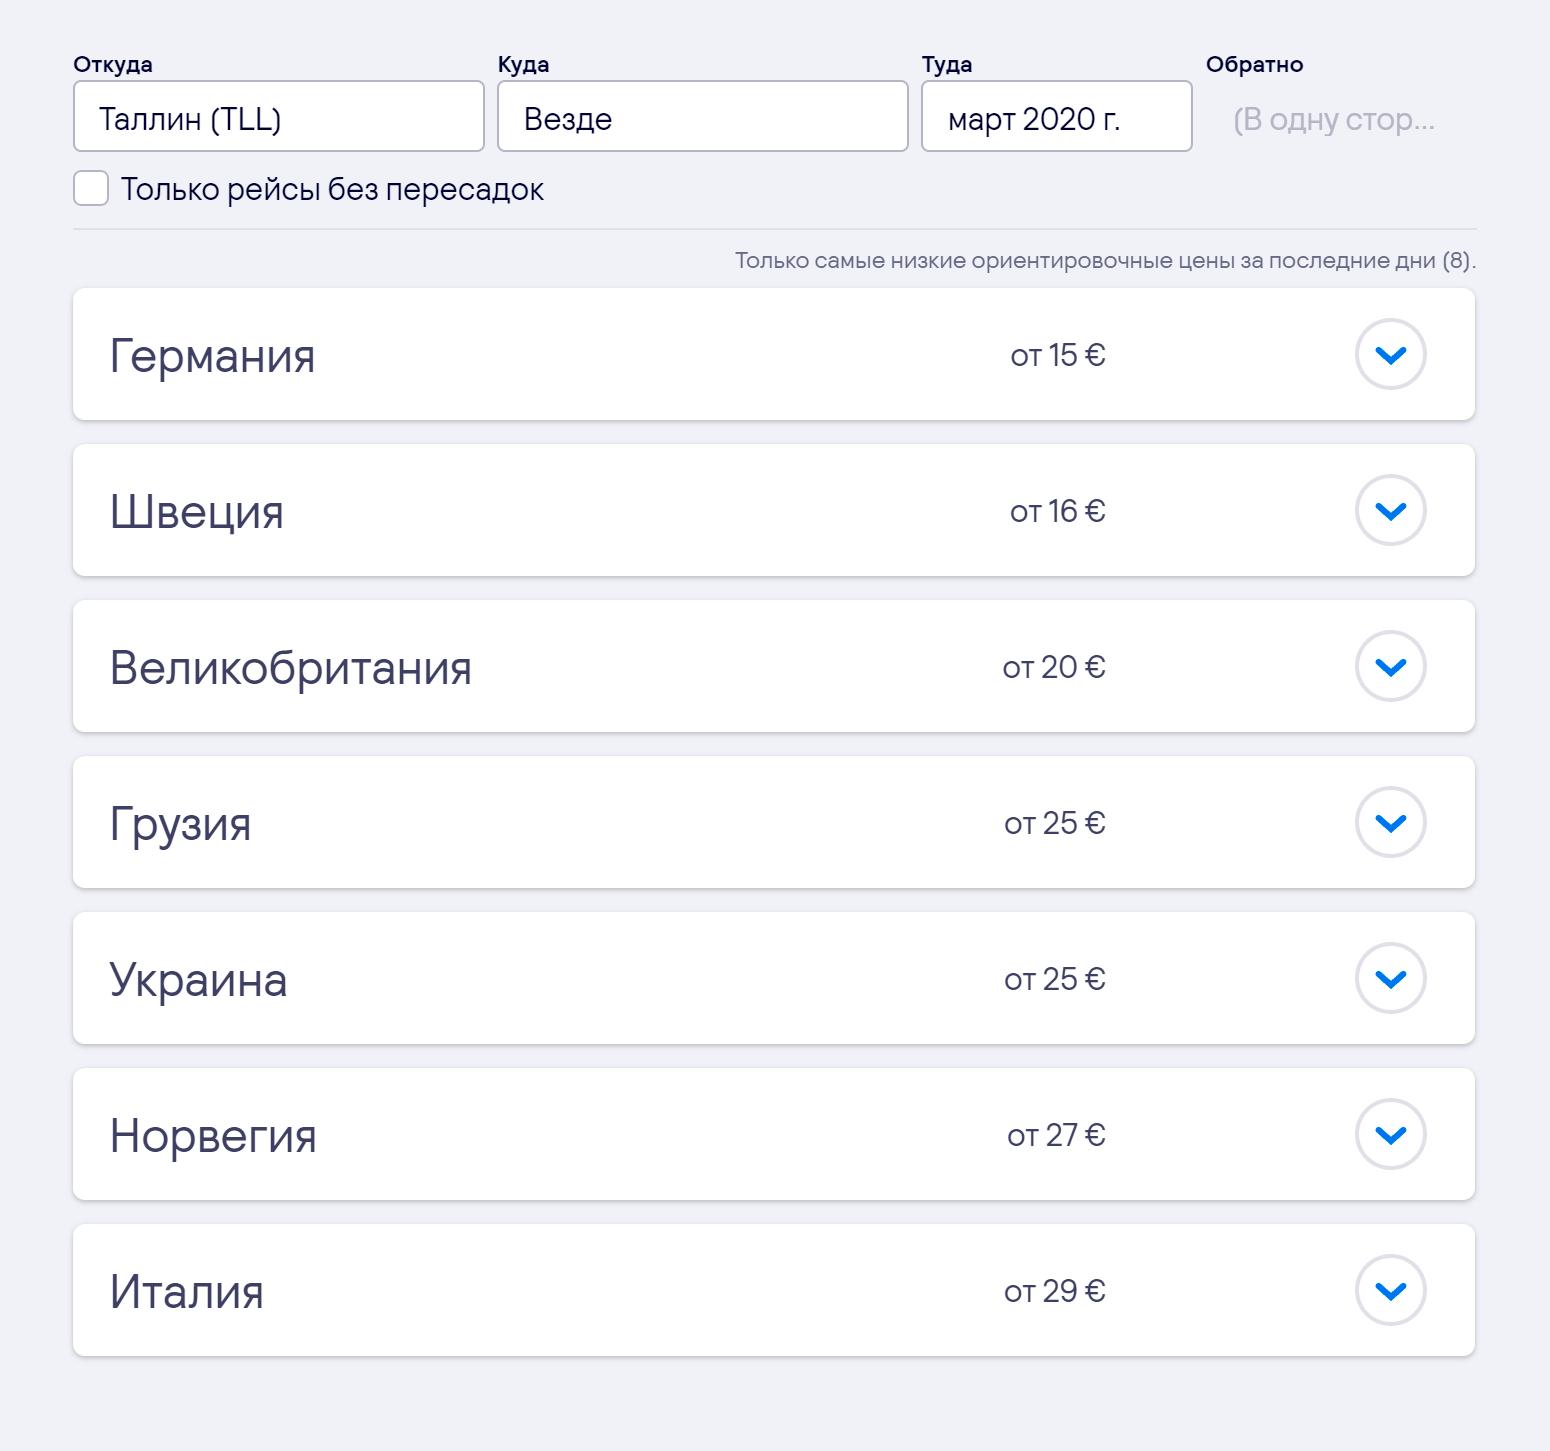 Цены на авиабилеты из Таллина. От Тарту до Таллина 200 км, это 2,5 часа на автобусе